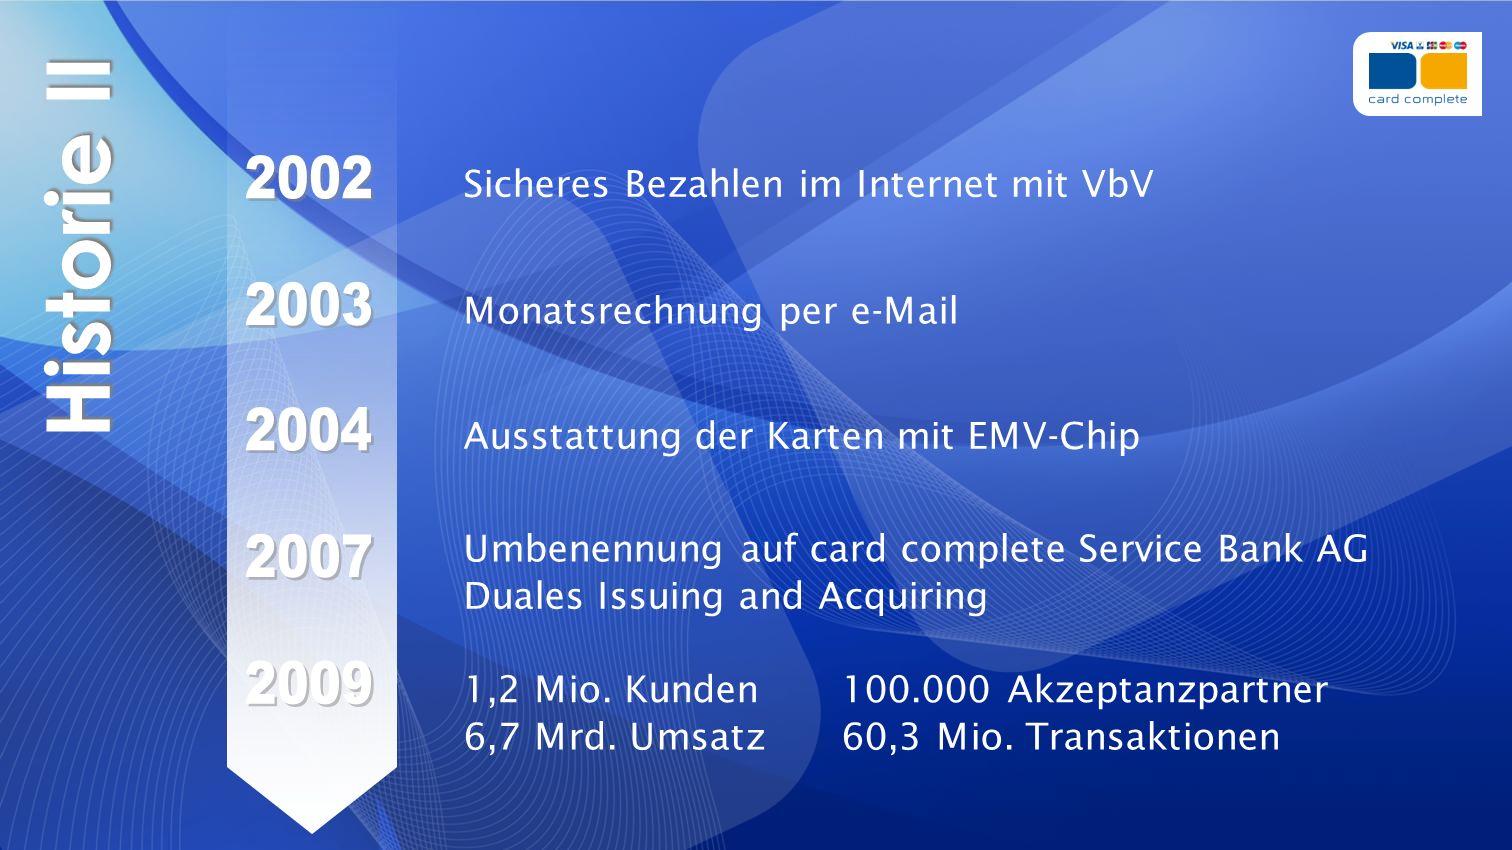 2002Sicheres Bezahlen im Internet mit VbV. Historie II. 2003. Monatsrechnung per e-Mail. 2004. Ausstattung der Karten mit EMV-Chip.